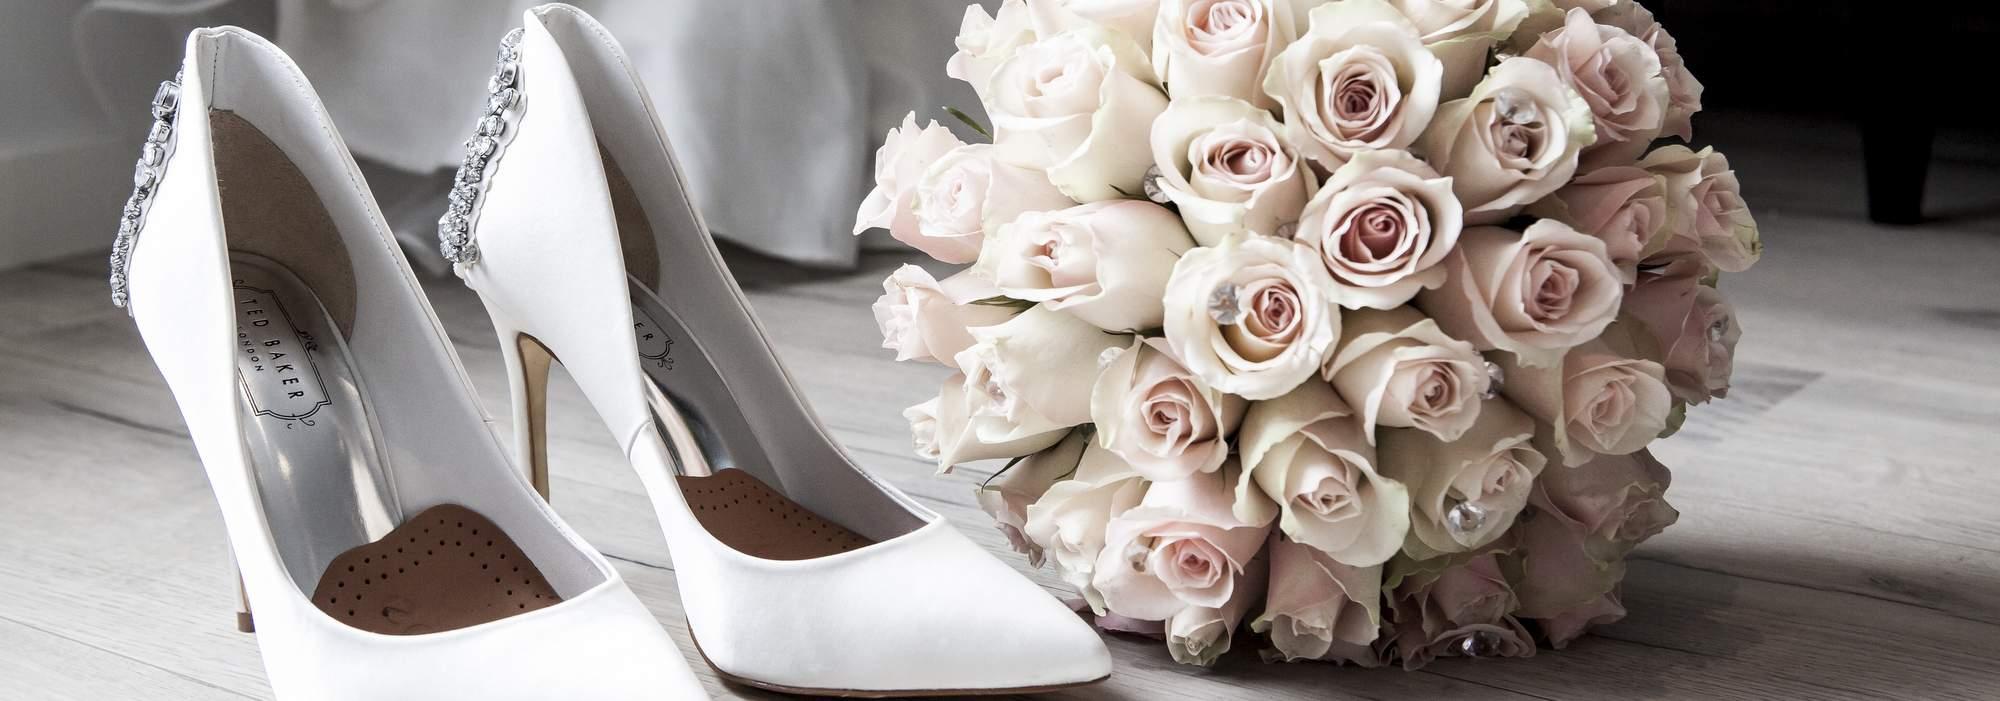 Hochzeitsschmuck - traumhafte Blüten für einen traumhaften Tag